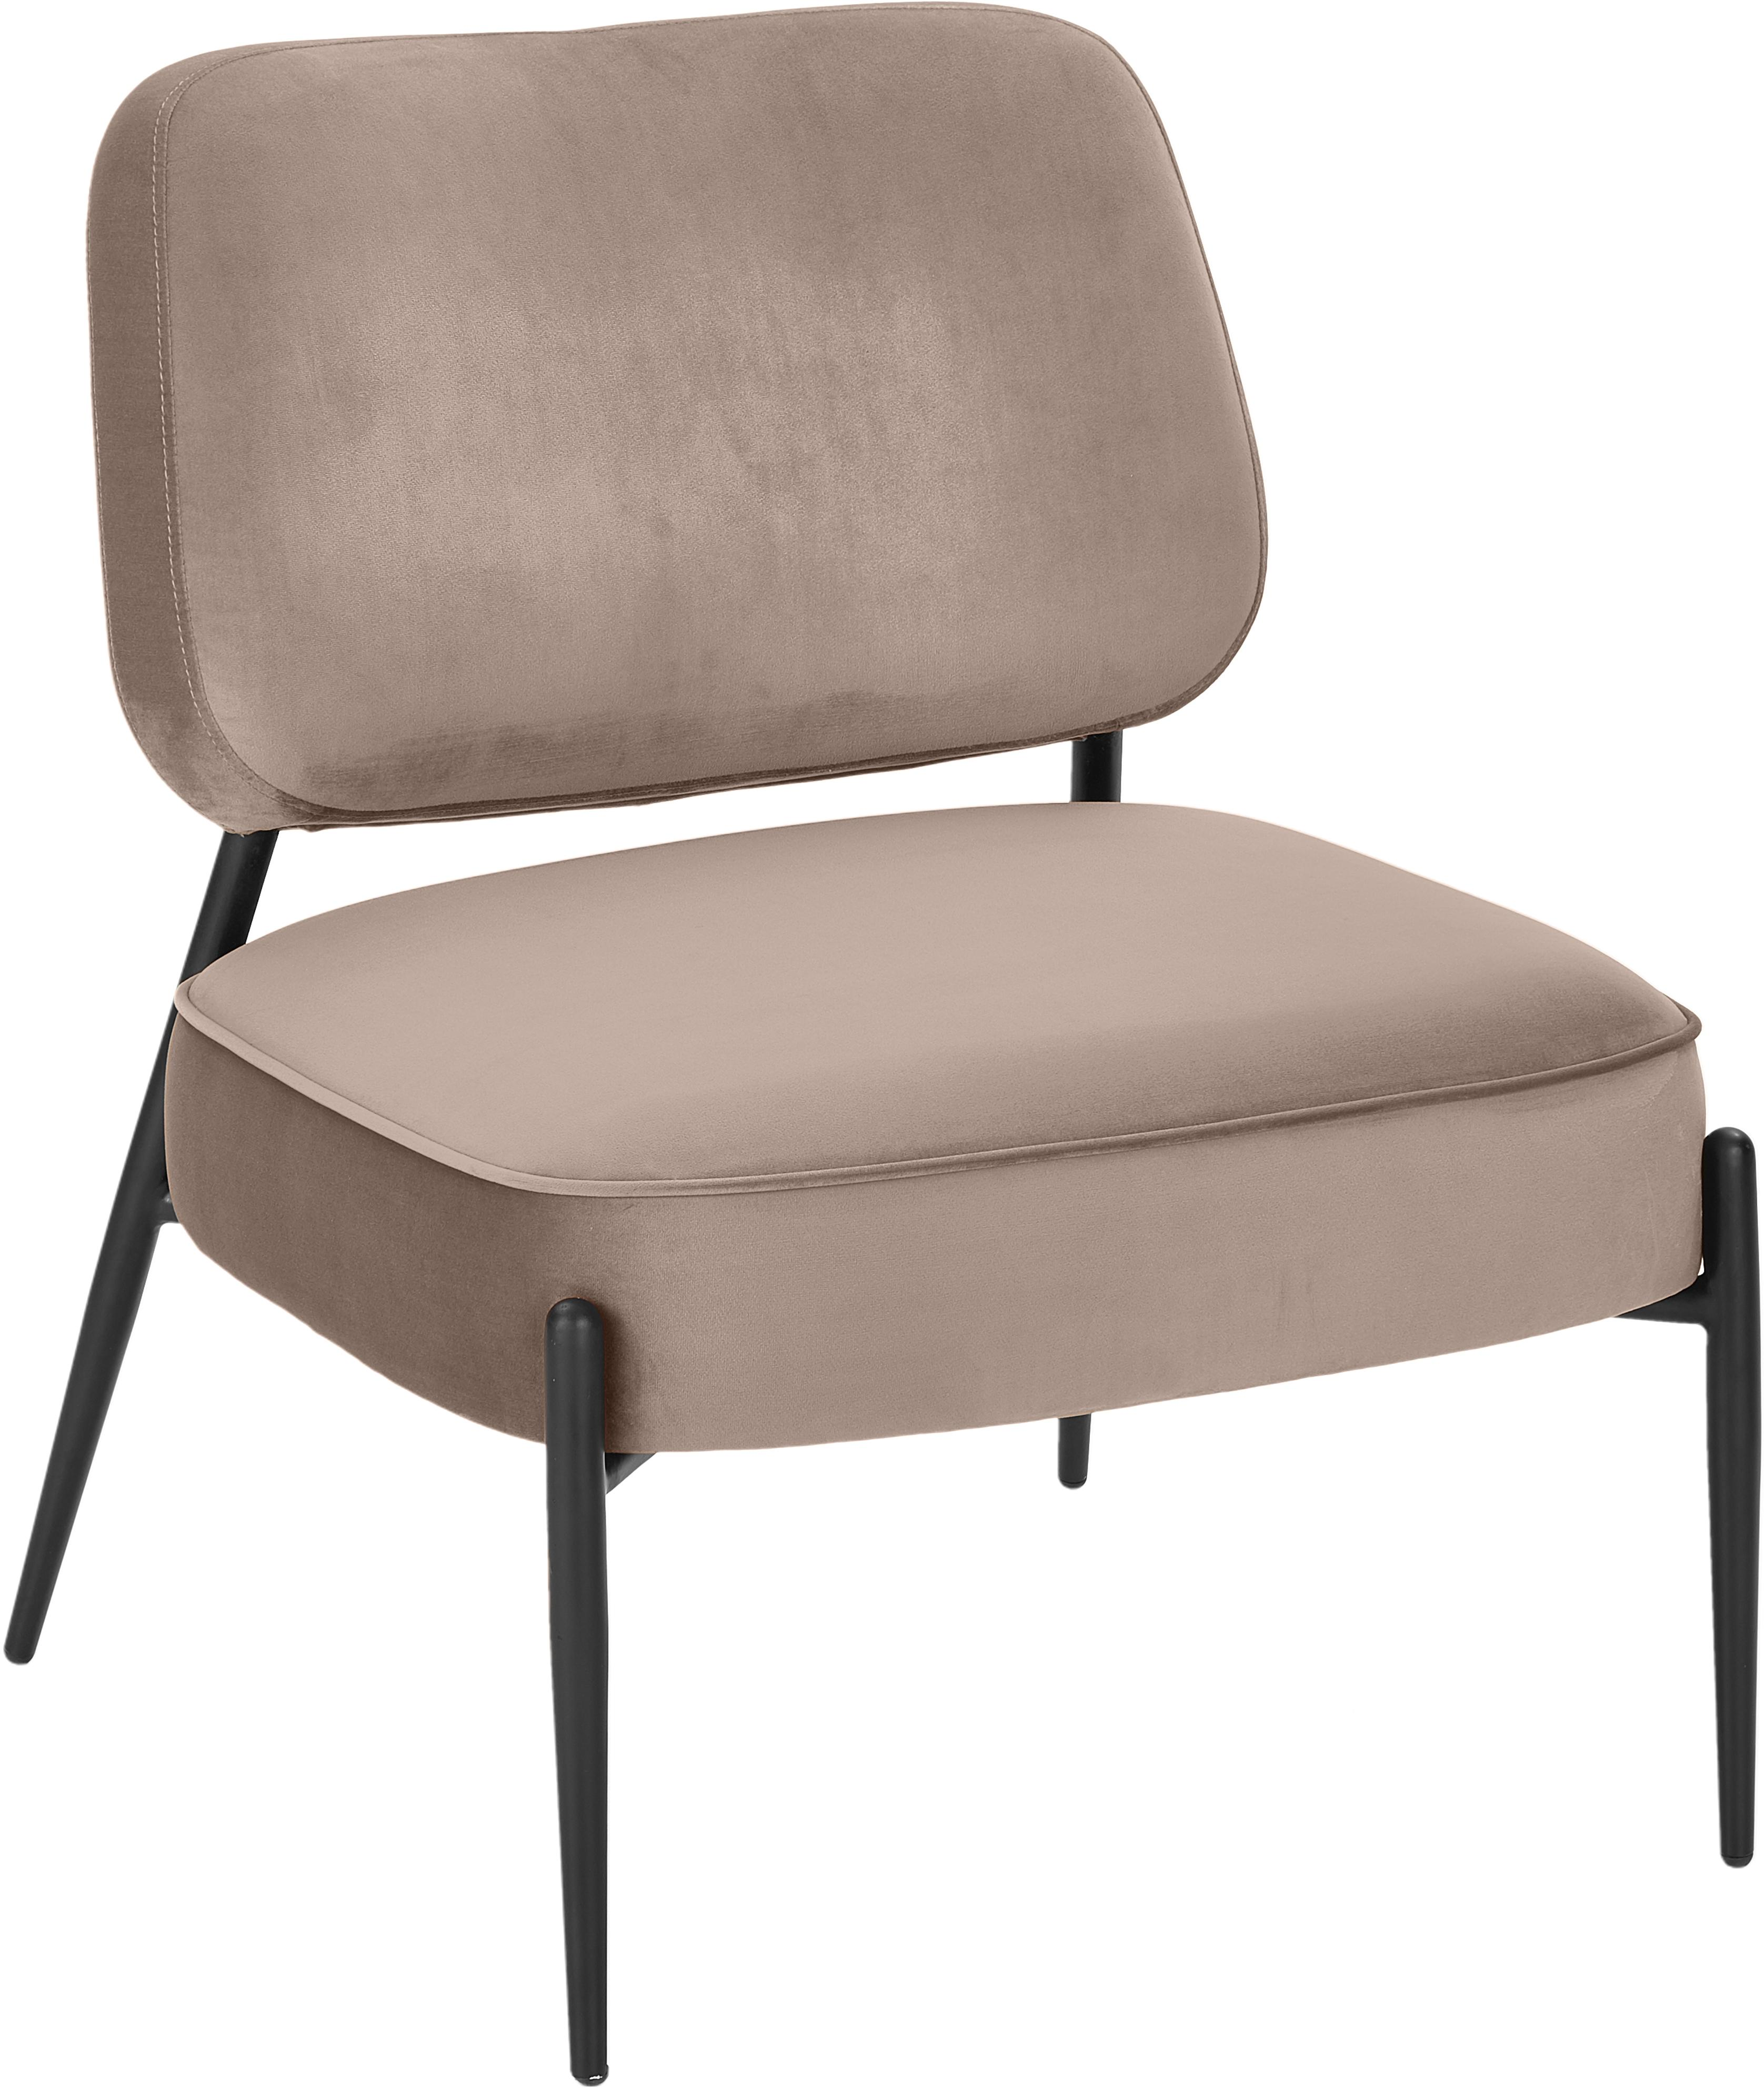 Samt-Loungesessel Viggo, Bezug: Samt (Polyester) 50.000 S, Beine: Metall, pulverbeschichtet, Samt Taupe, B 62 x T 67cm